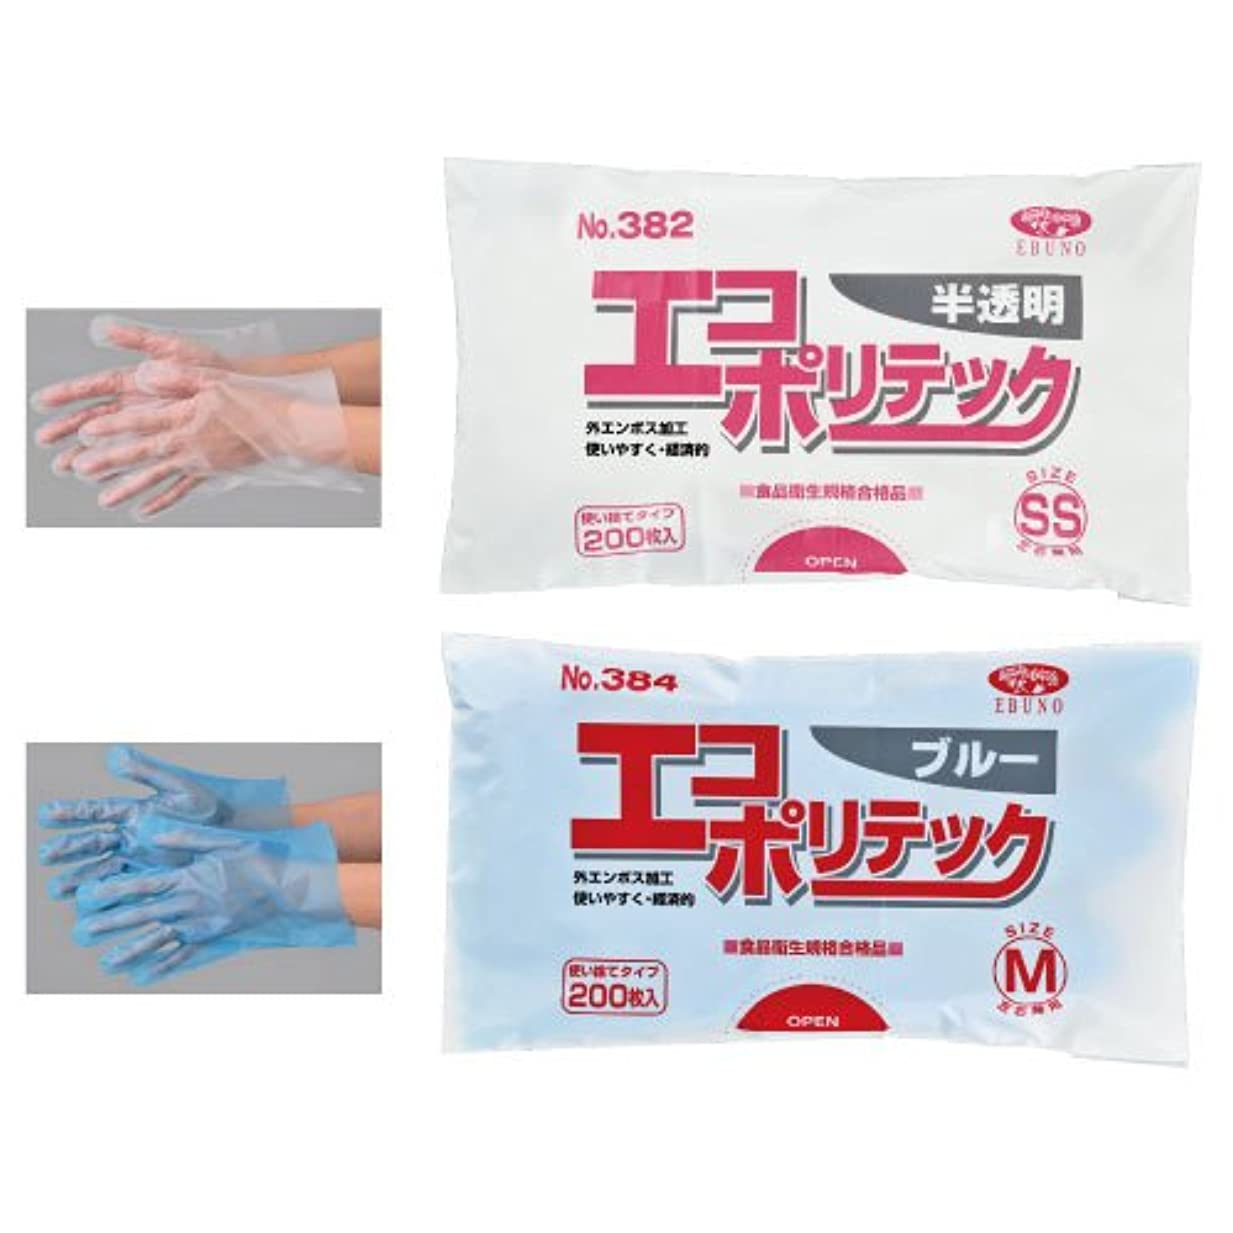 応援するきらめき何エブノ ポリエチレン手袋 No.382 S 半透明 (200枚×30袋) エコポリテック 袋入